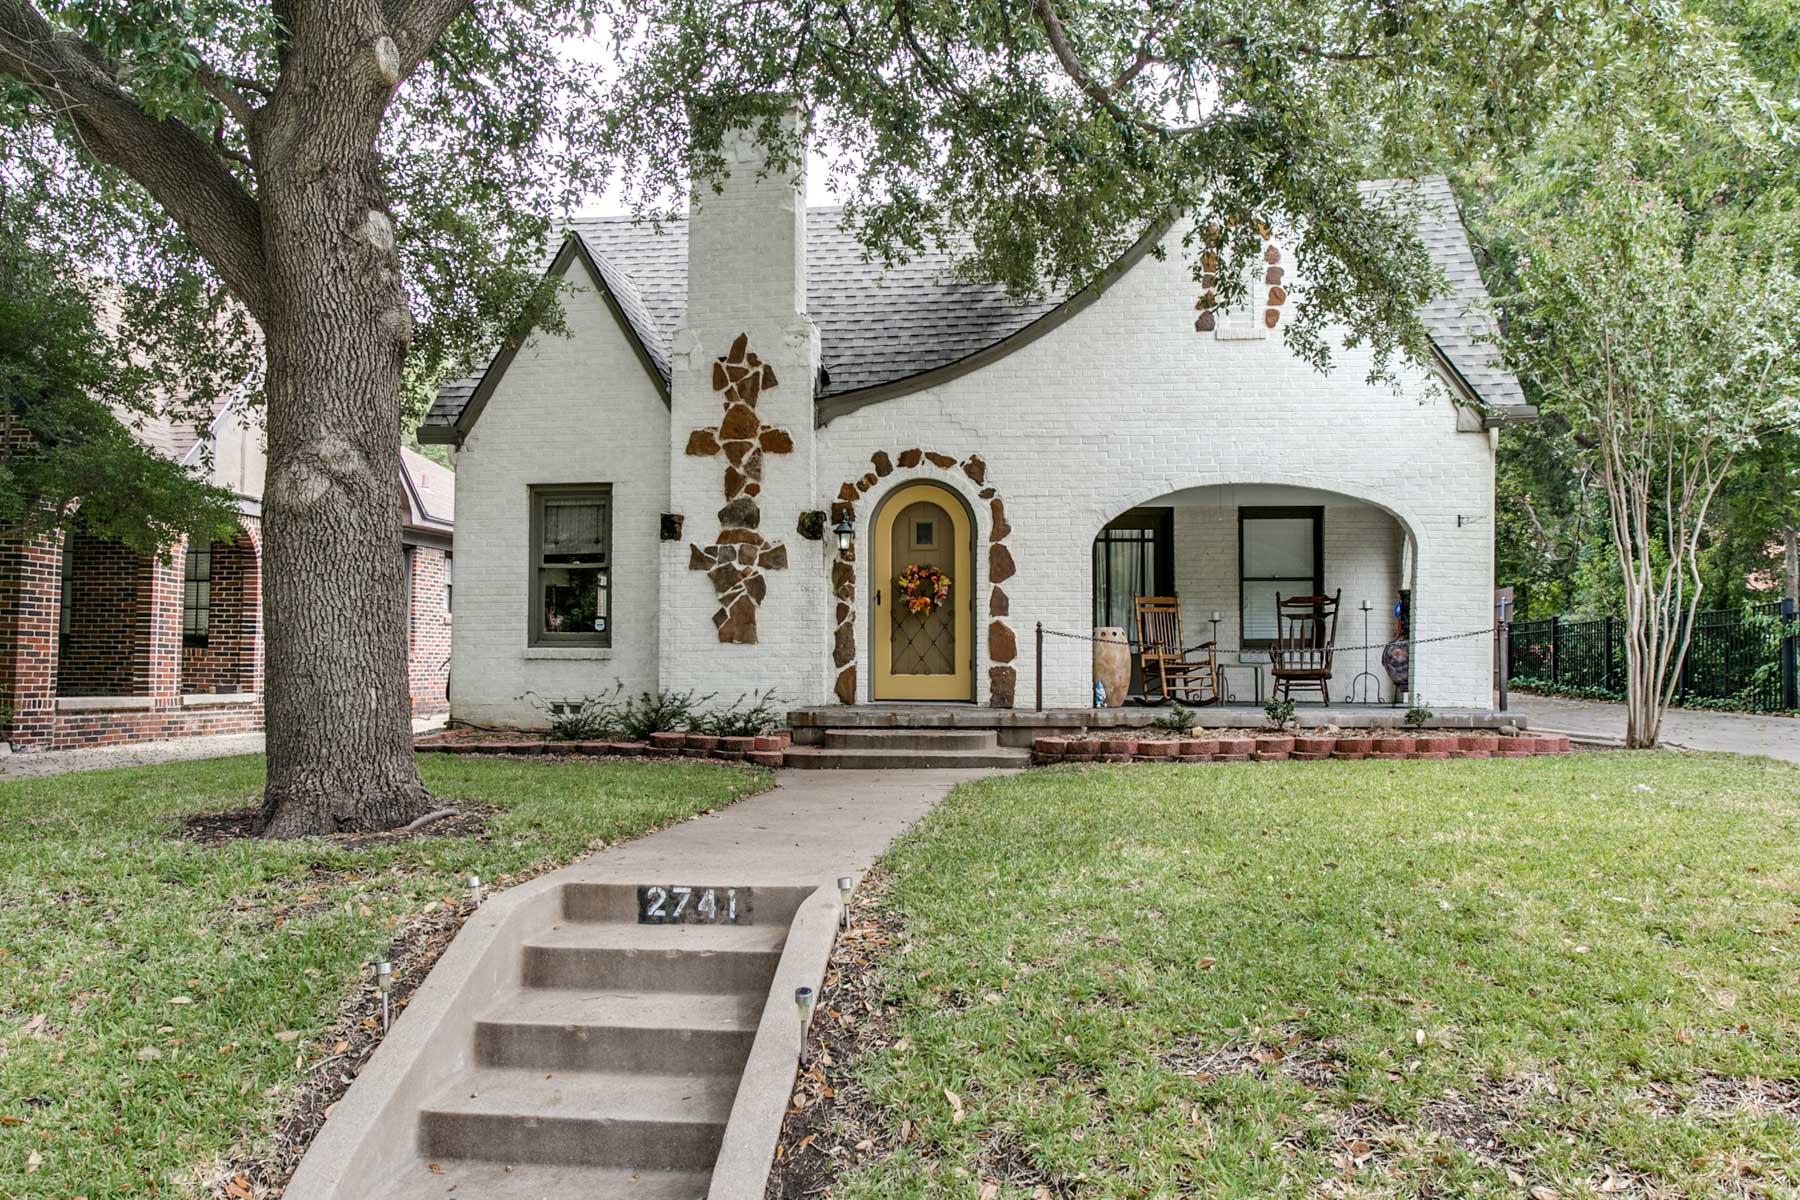 Propriété à vendre Fort Worth